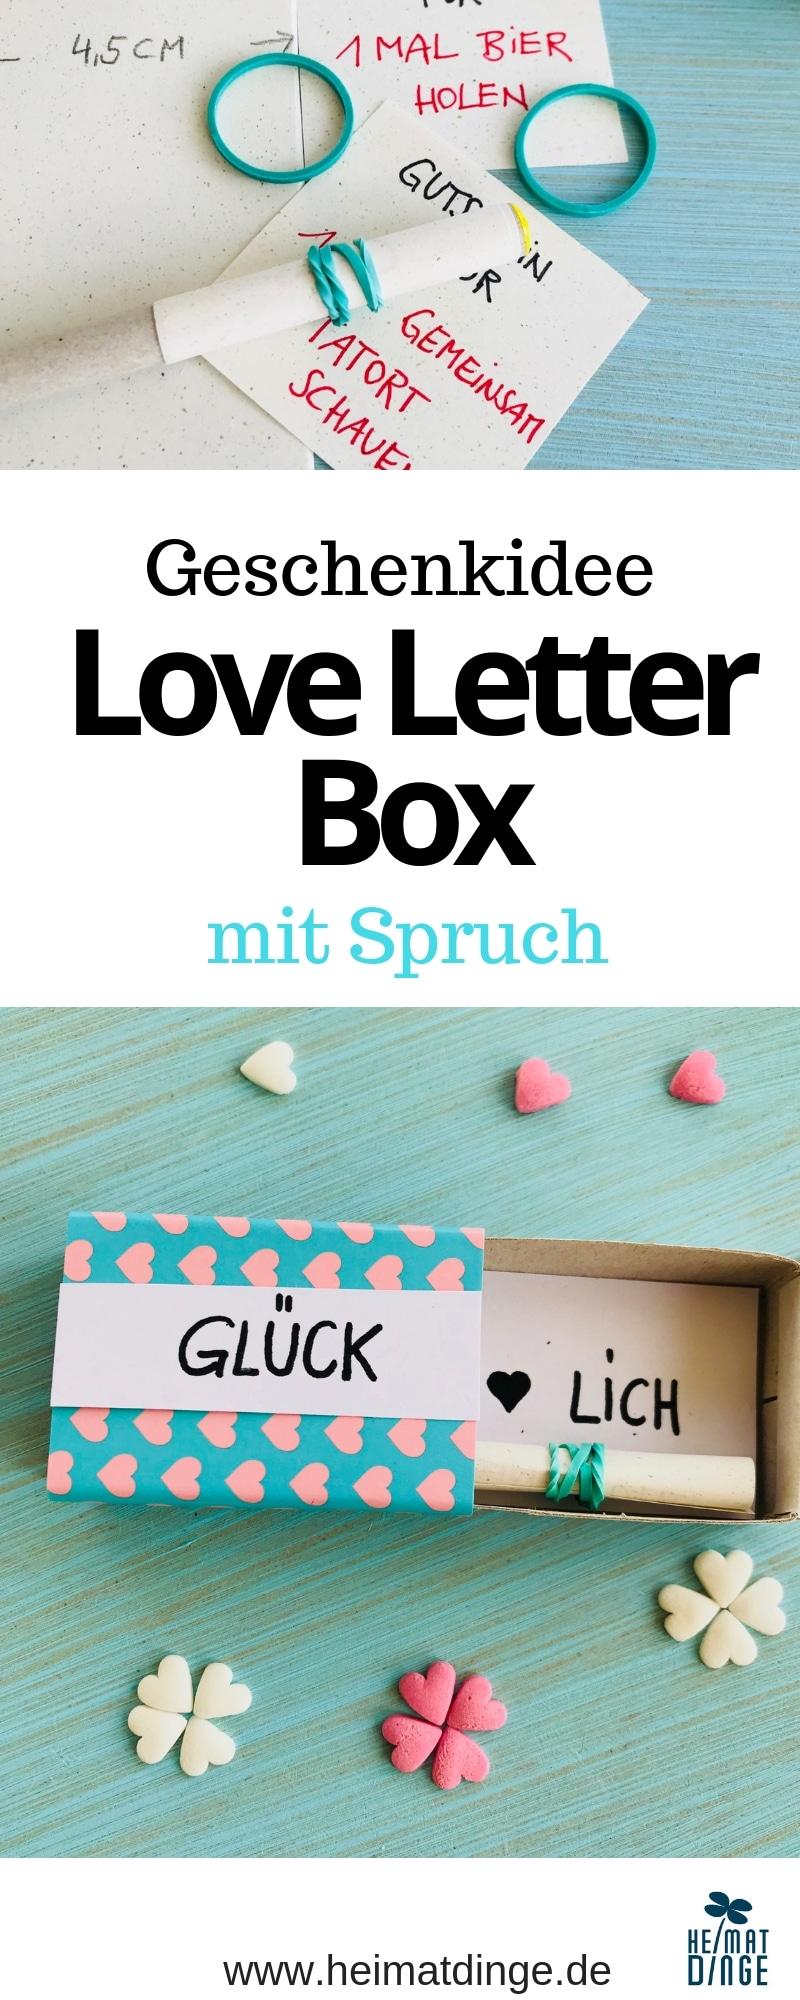 Geschenk zum Valentinstag, selber machen, Upcycling, se